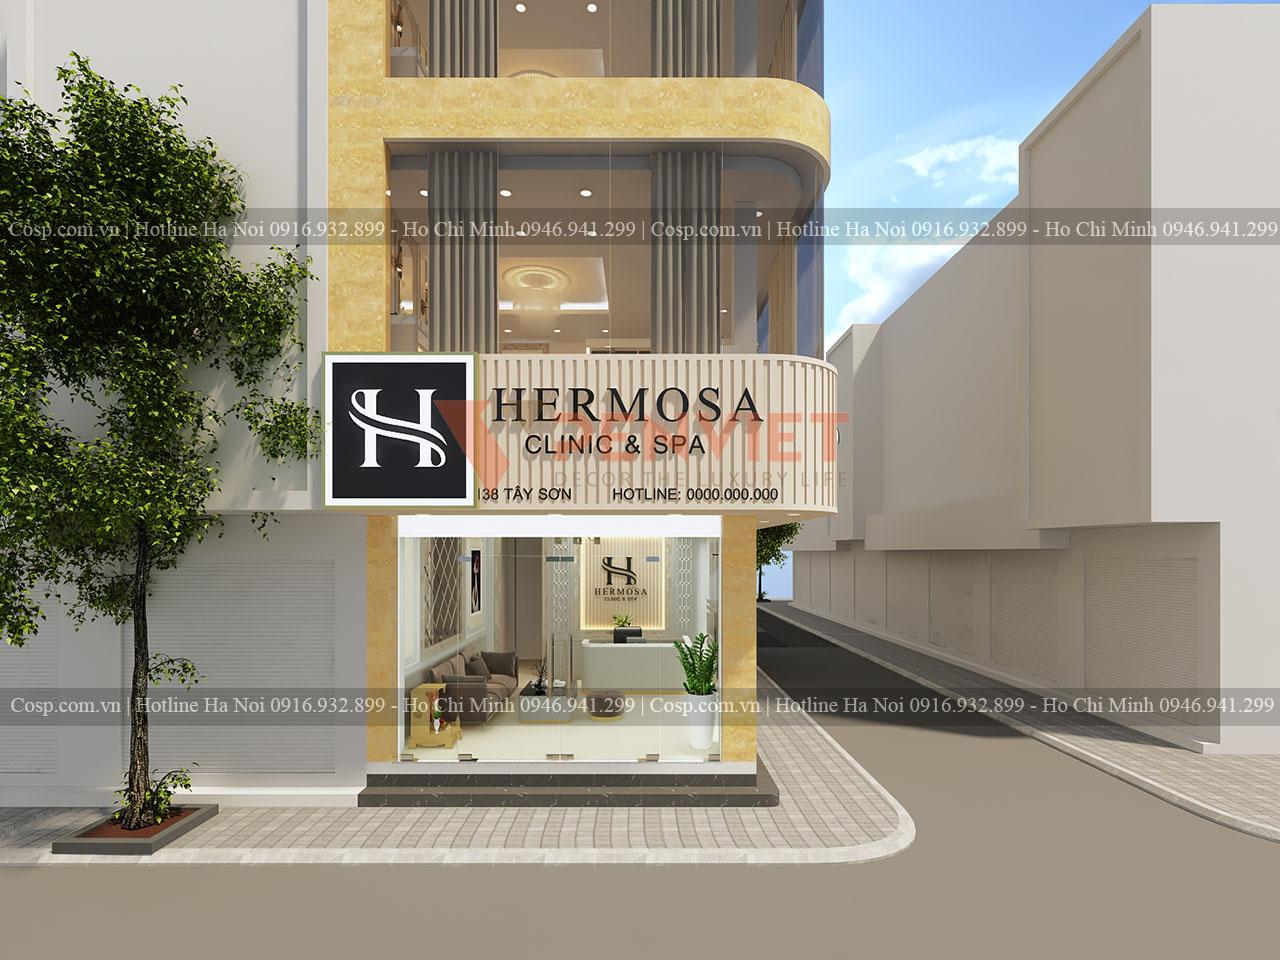 Thiết kế spa Hermosa - Tây Sơn